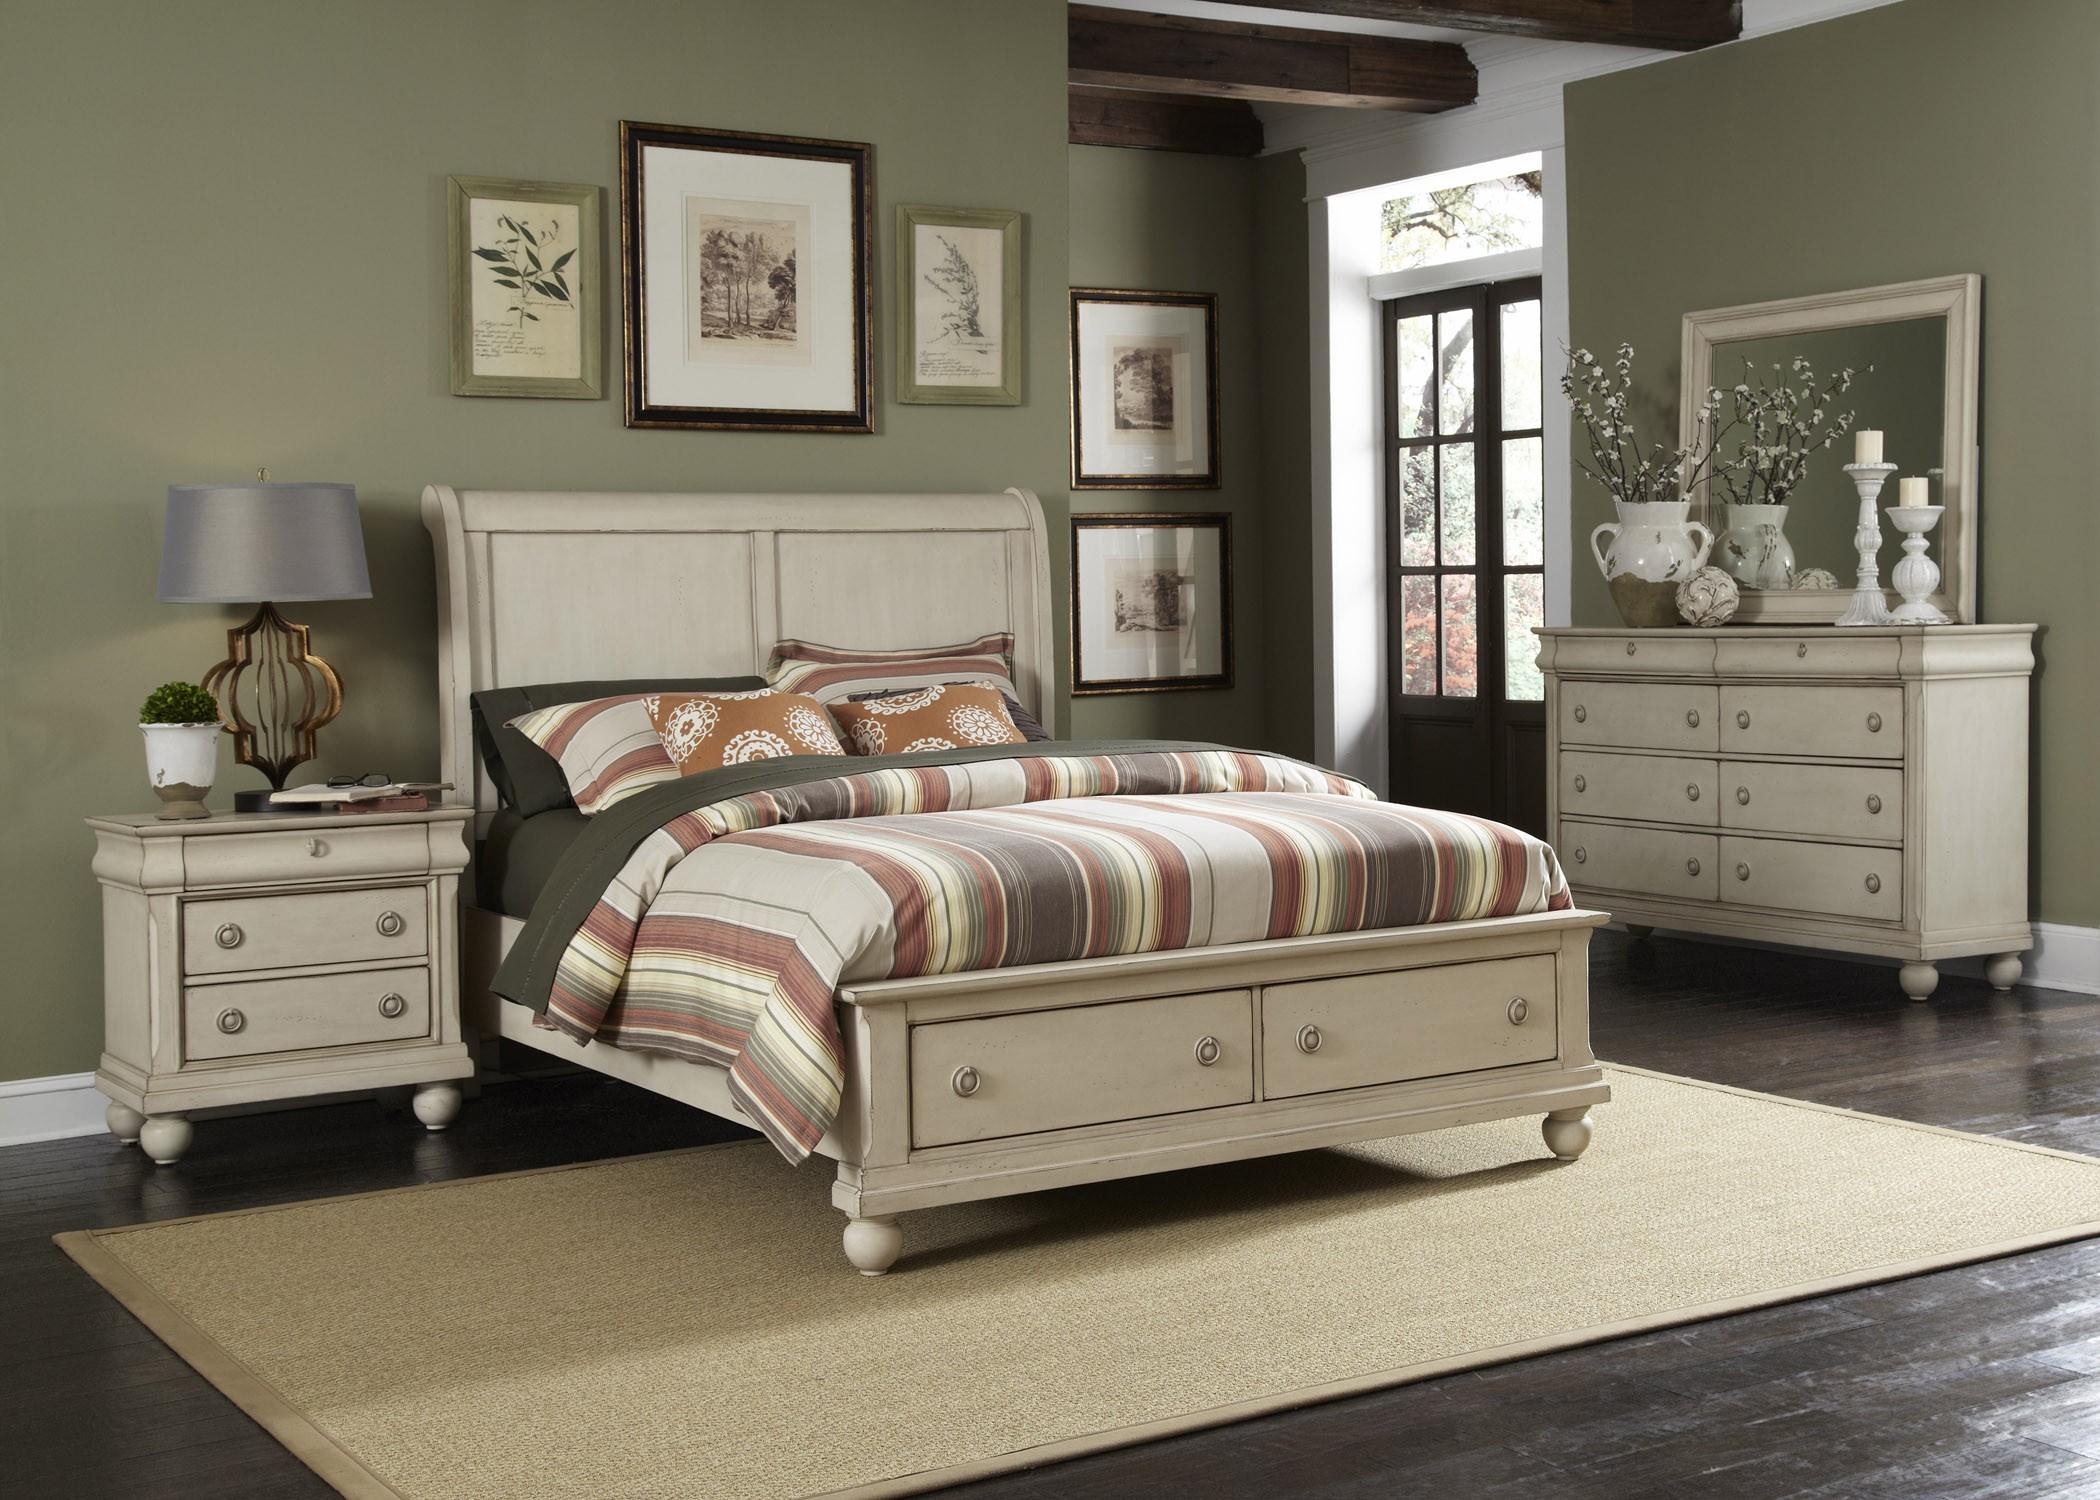 بالصور غرف نوم كلاسيك , الاستيل الكلاسيكي لغرف النوم 2265 3